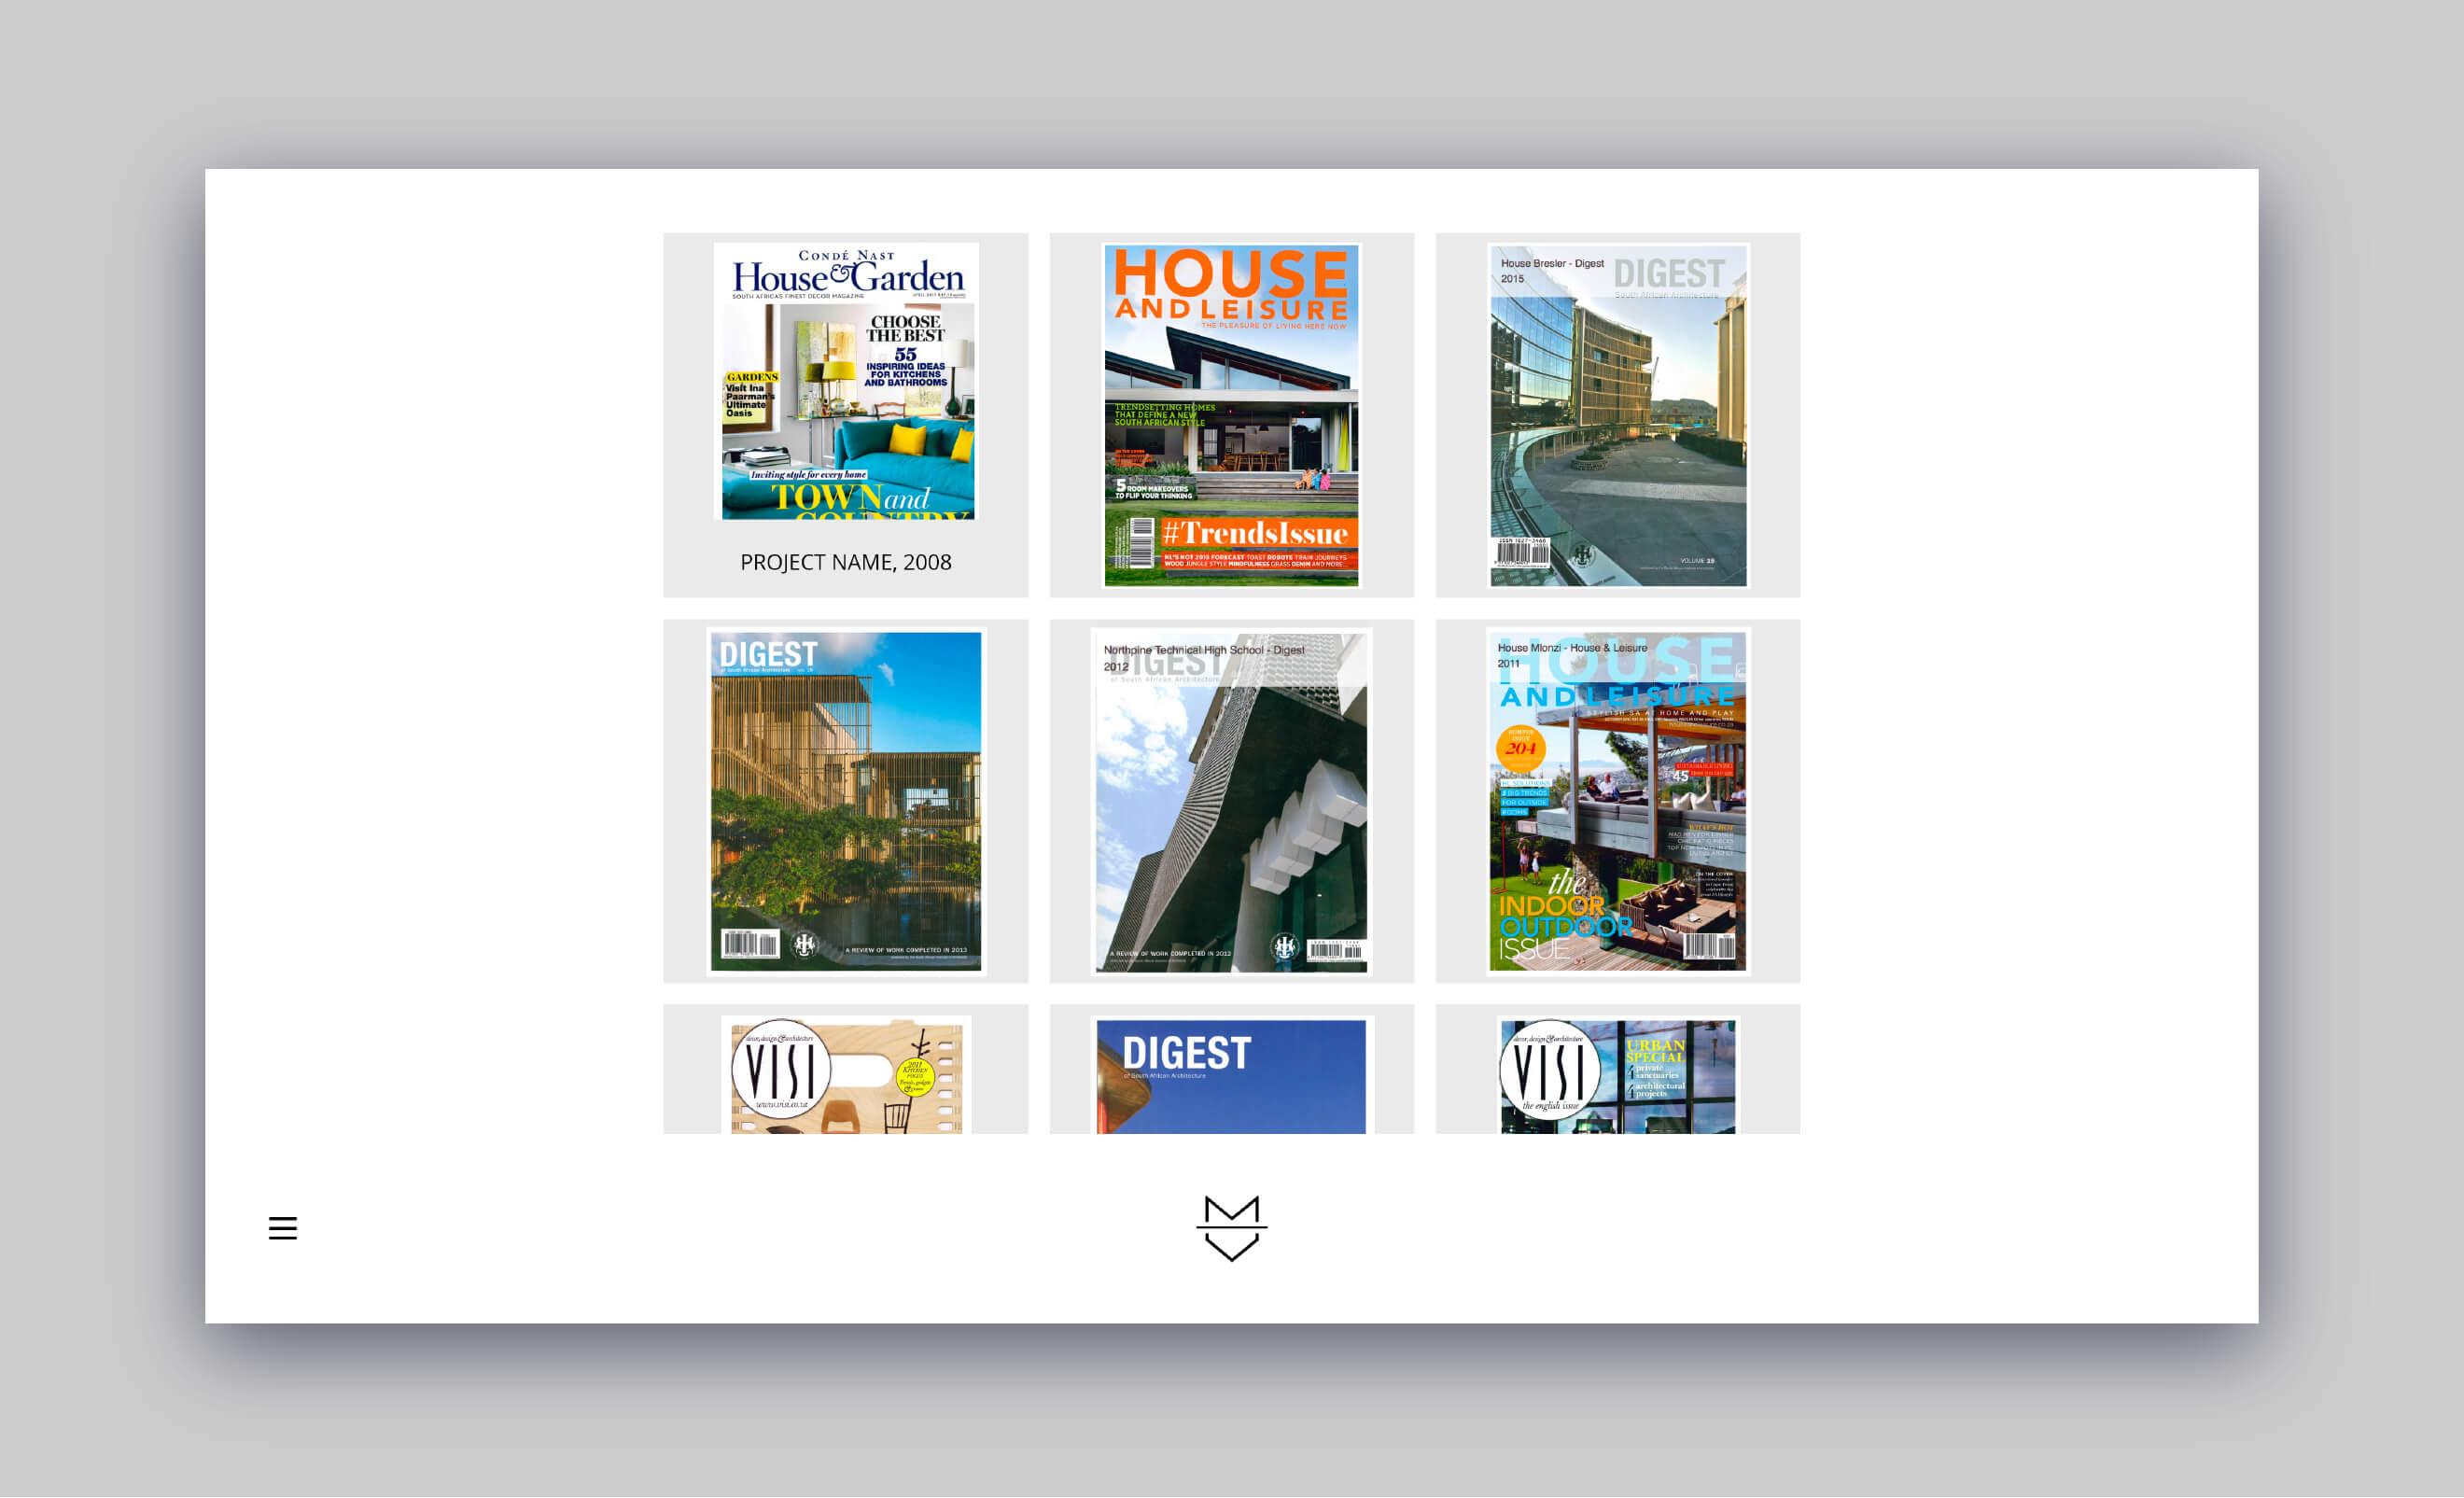 malan vorster publications gallery